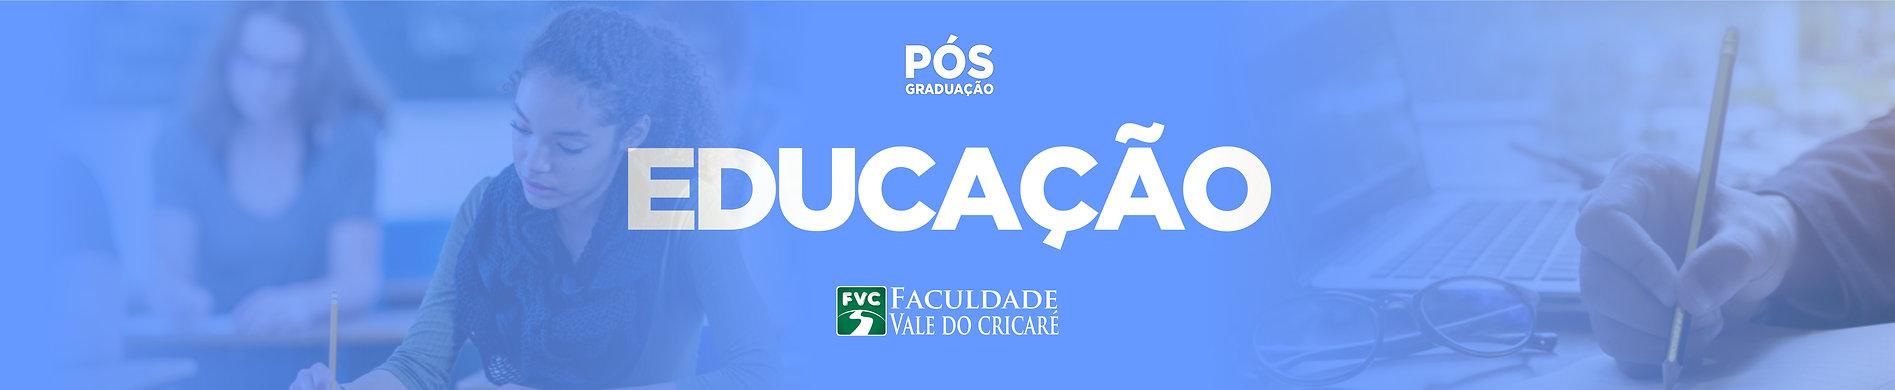 BANNER EDUCAÇÃO.jpg